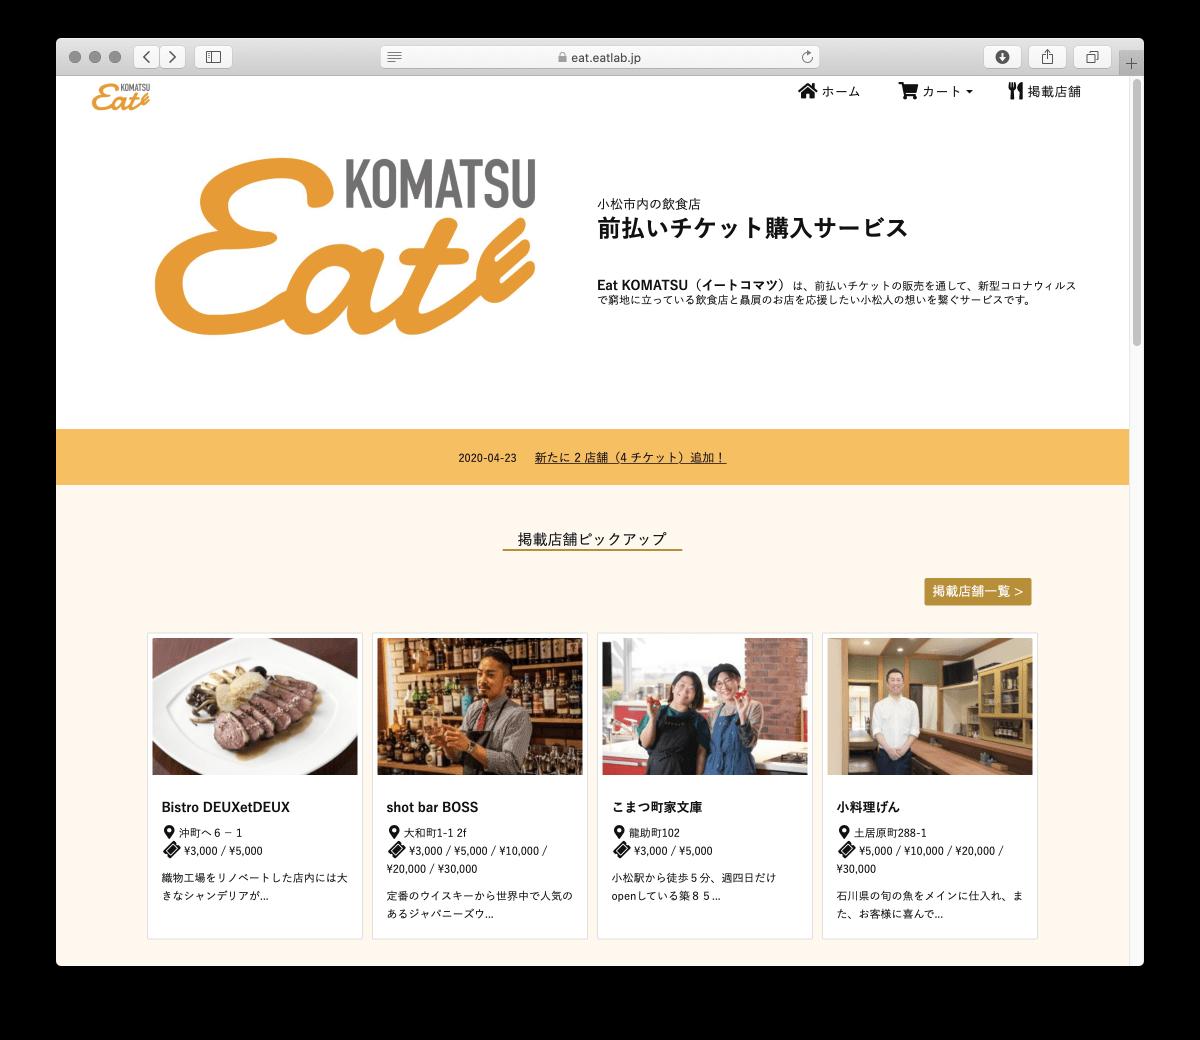 「Eat KOMATSU」のサイトトップページ